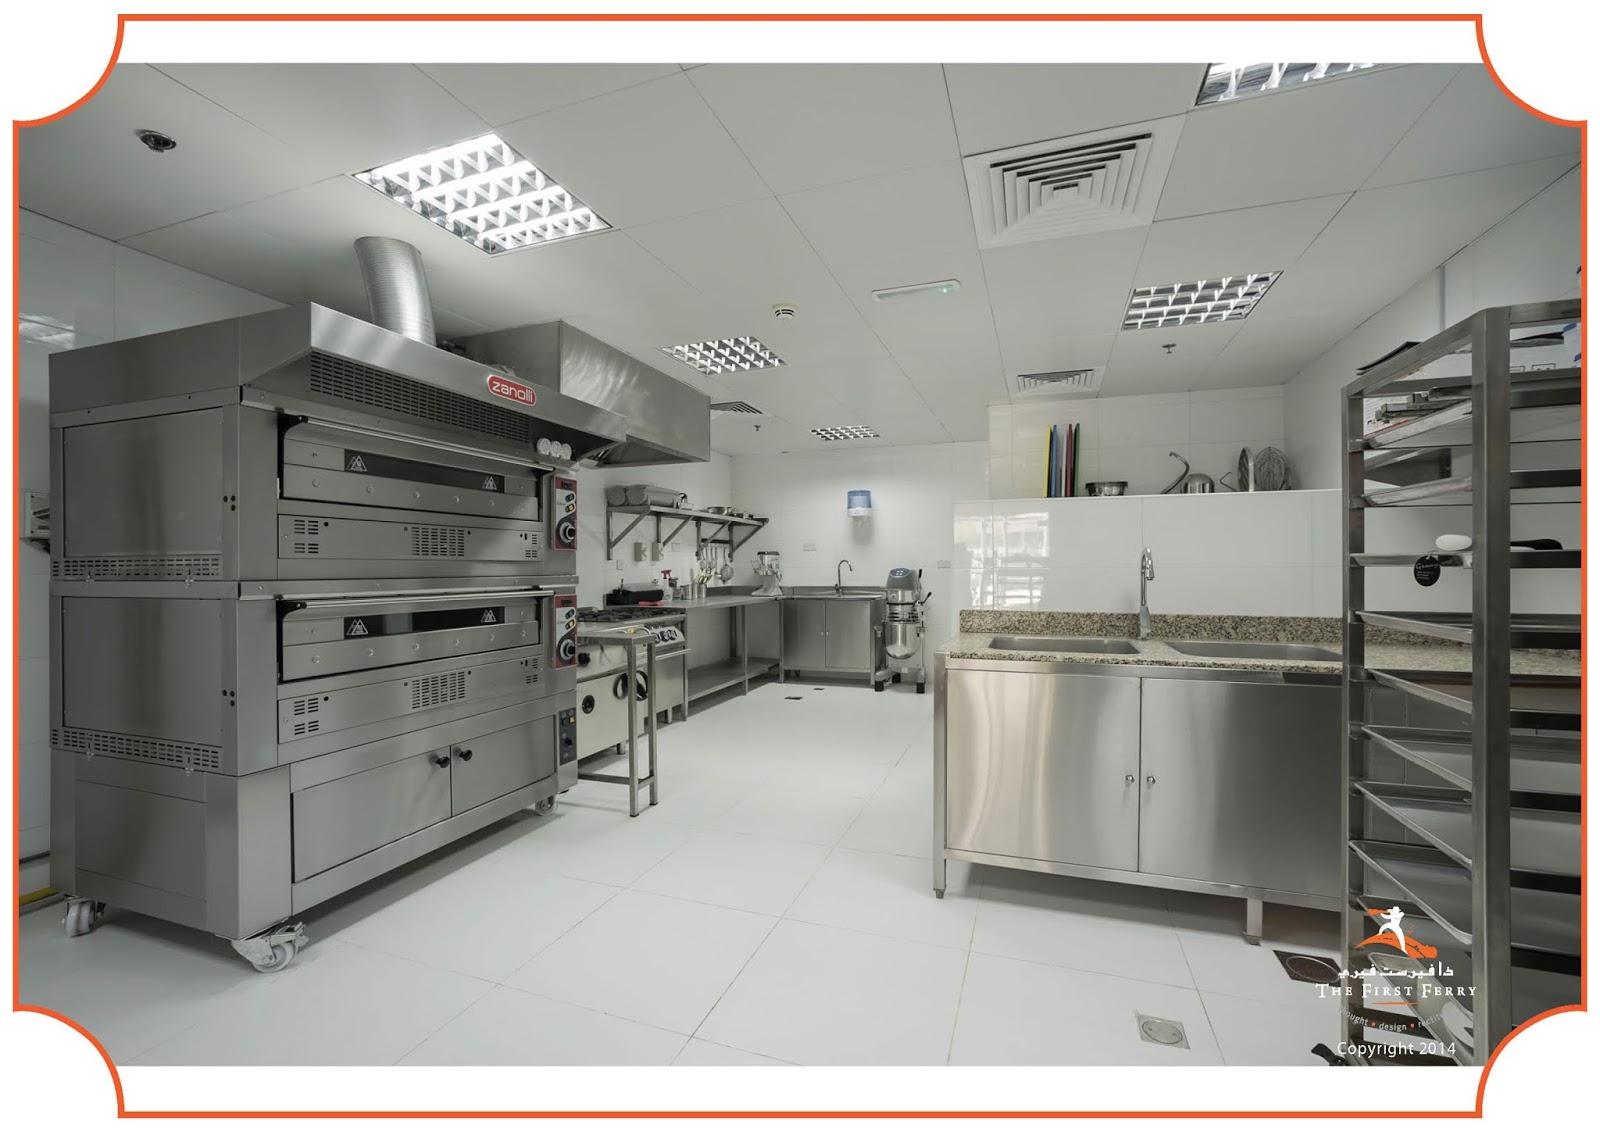 The first ferry lakomka russian restaurant interior design